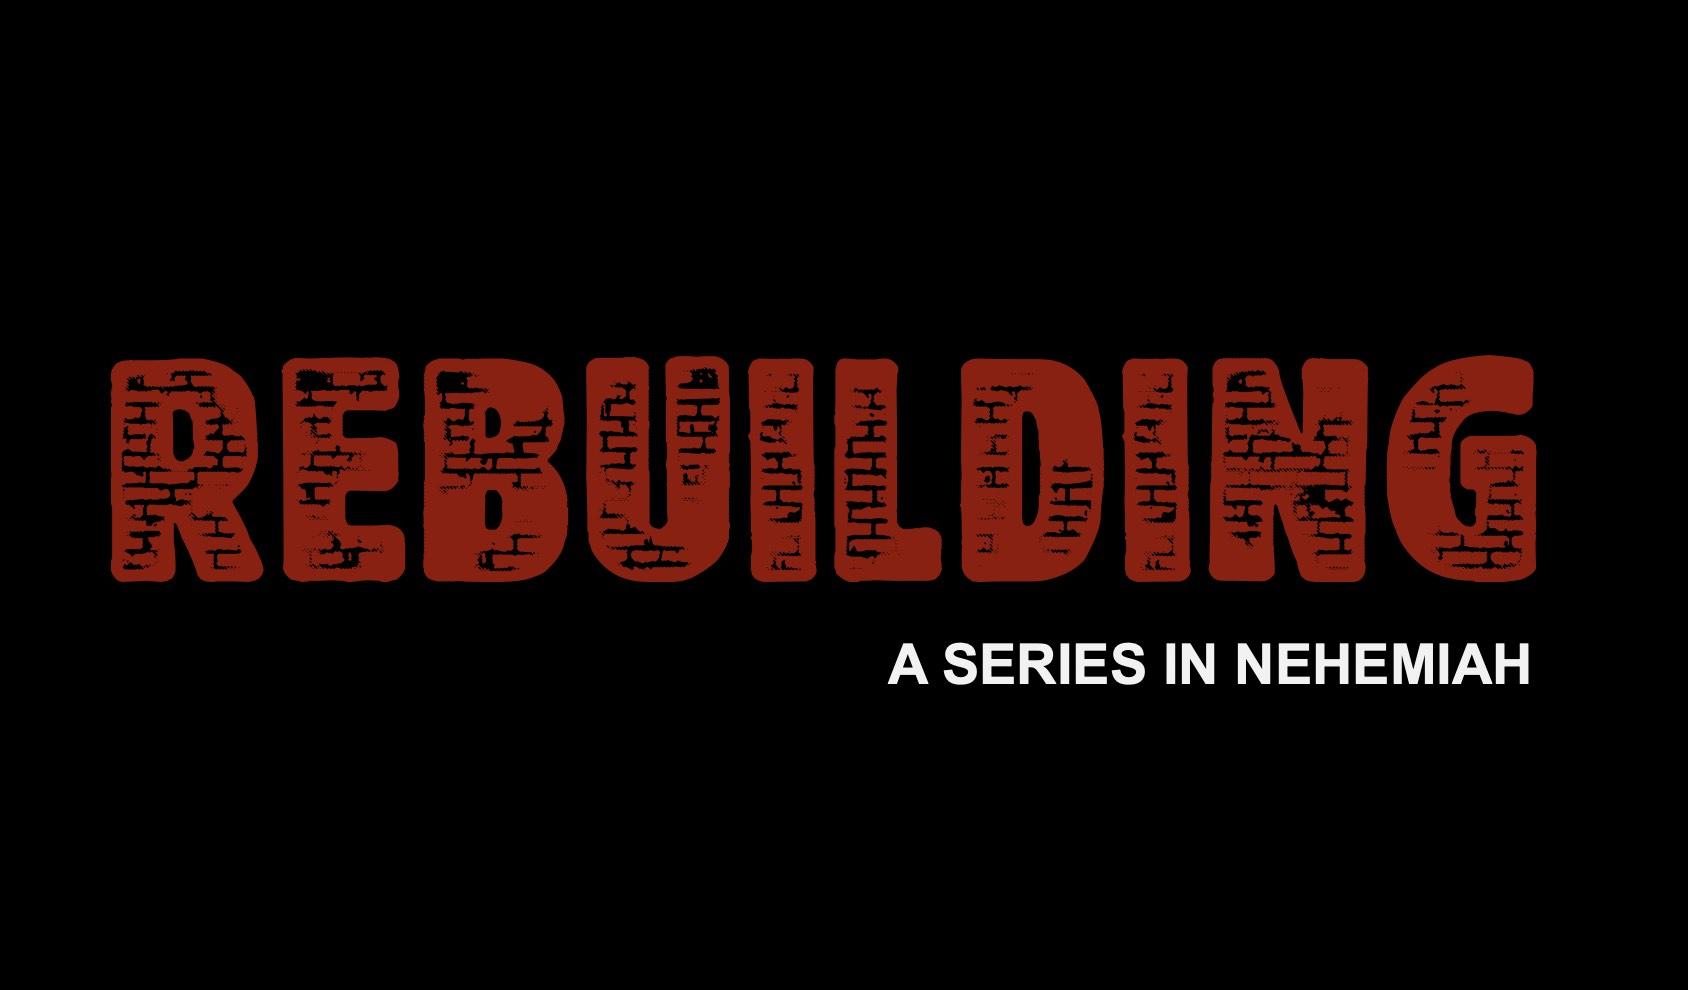 Rebuilding Nehemiah 4